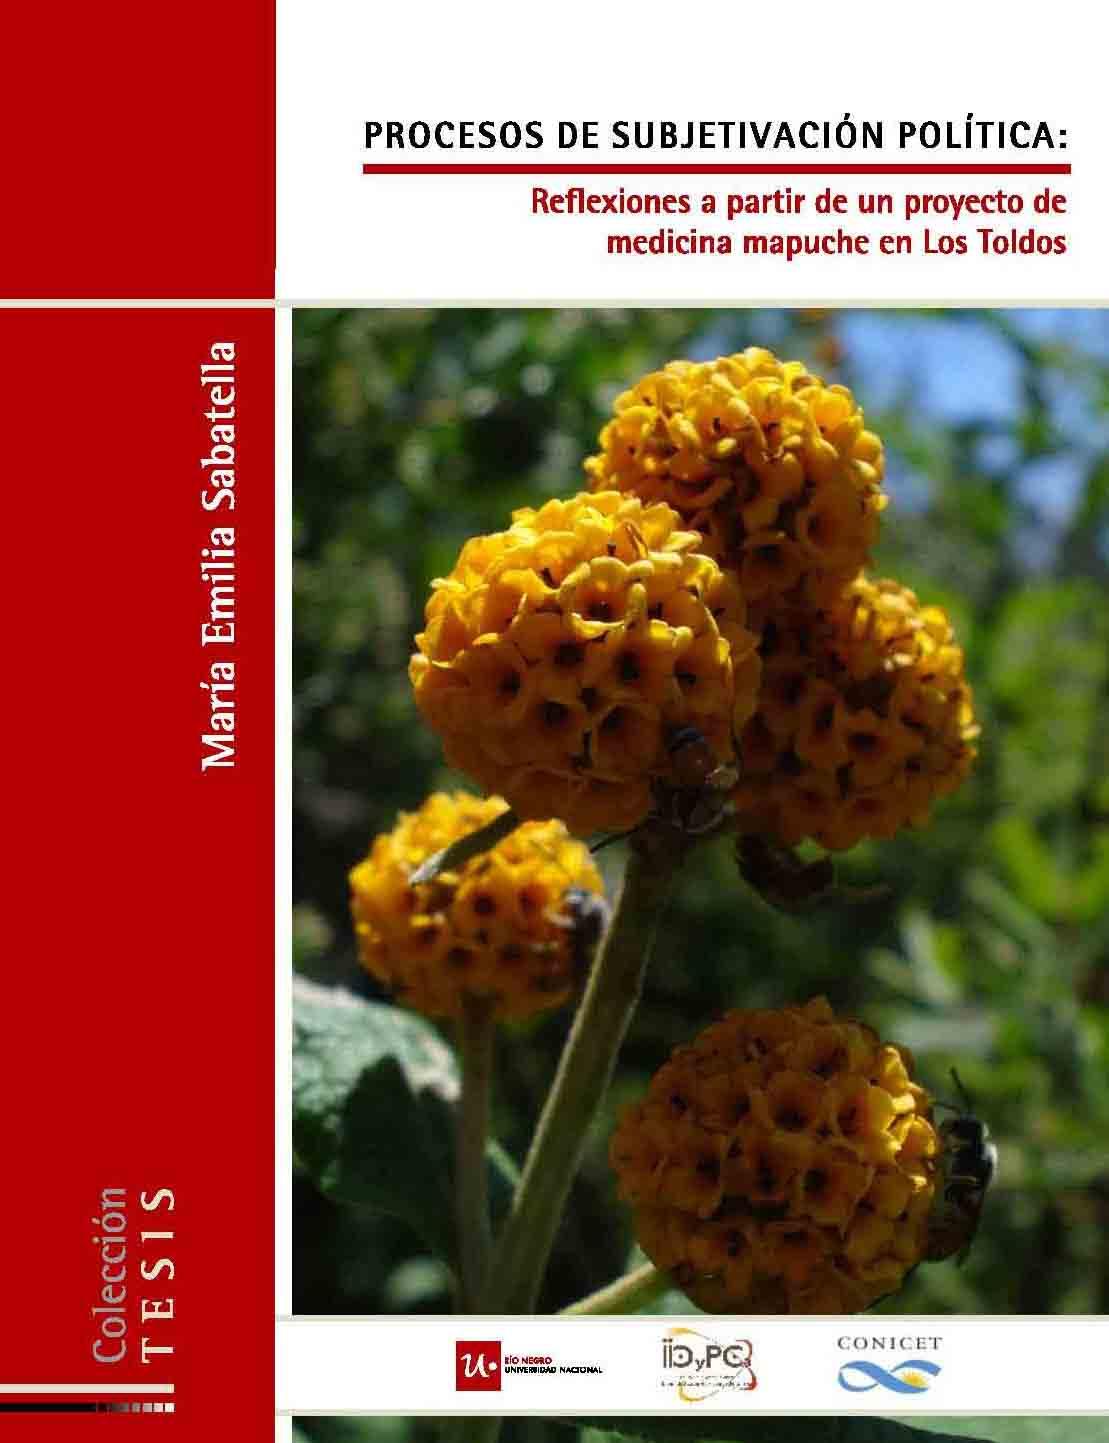 Procesos de subjetivación política. Reflexiones a partir de un proyecto de medicina mapuche en LosToldos